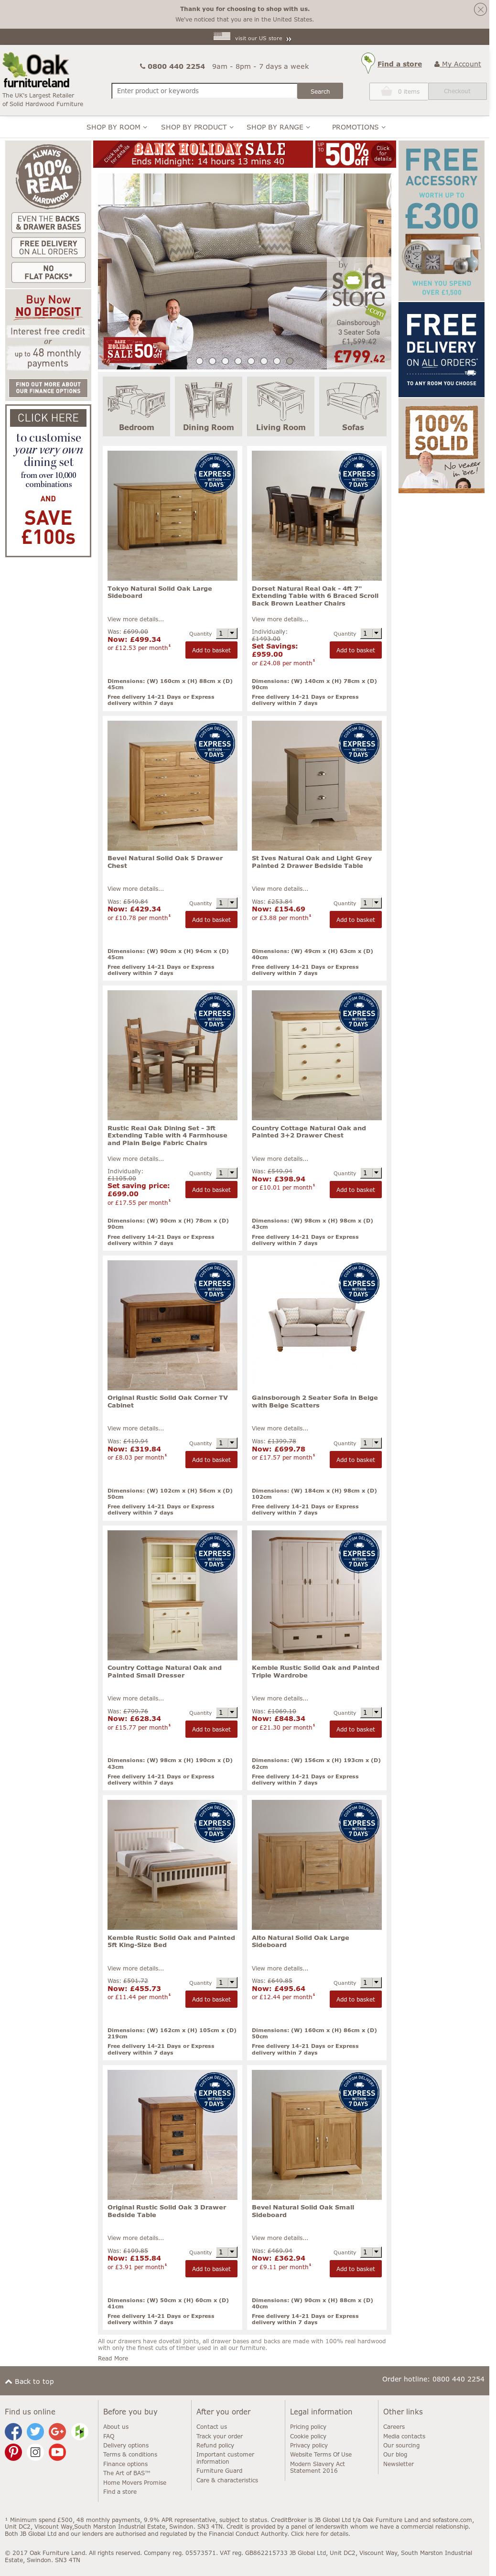 Oak Furniture Land Website History